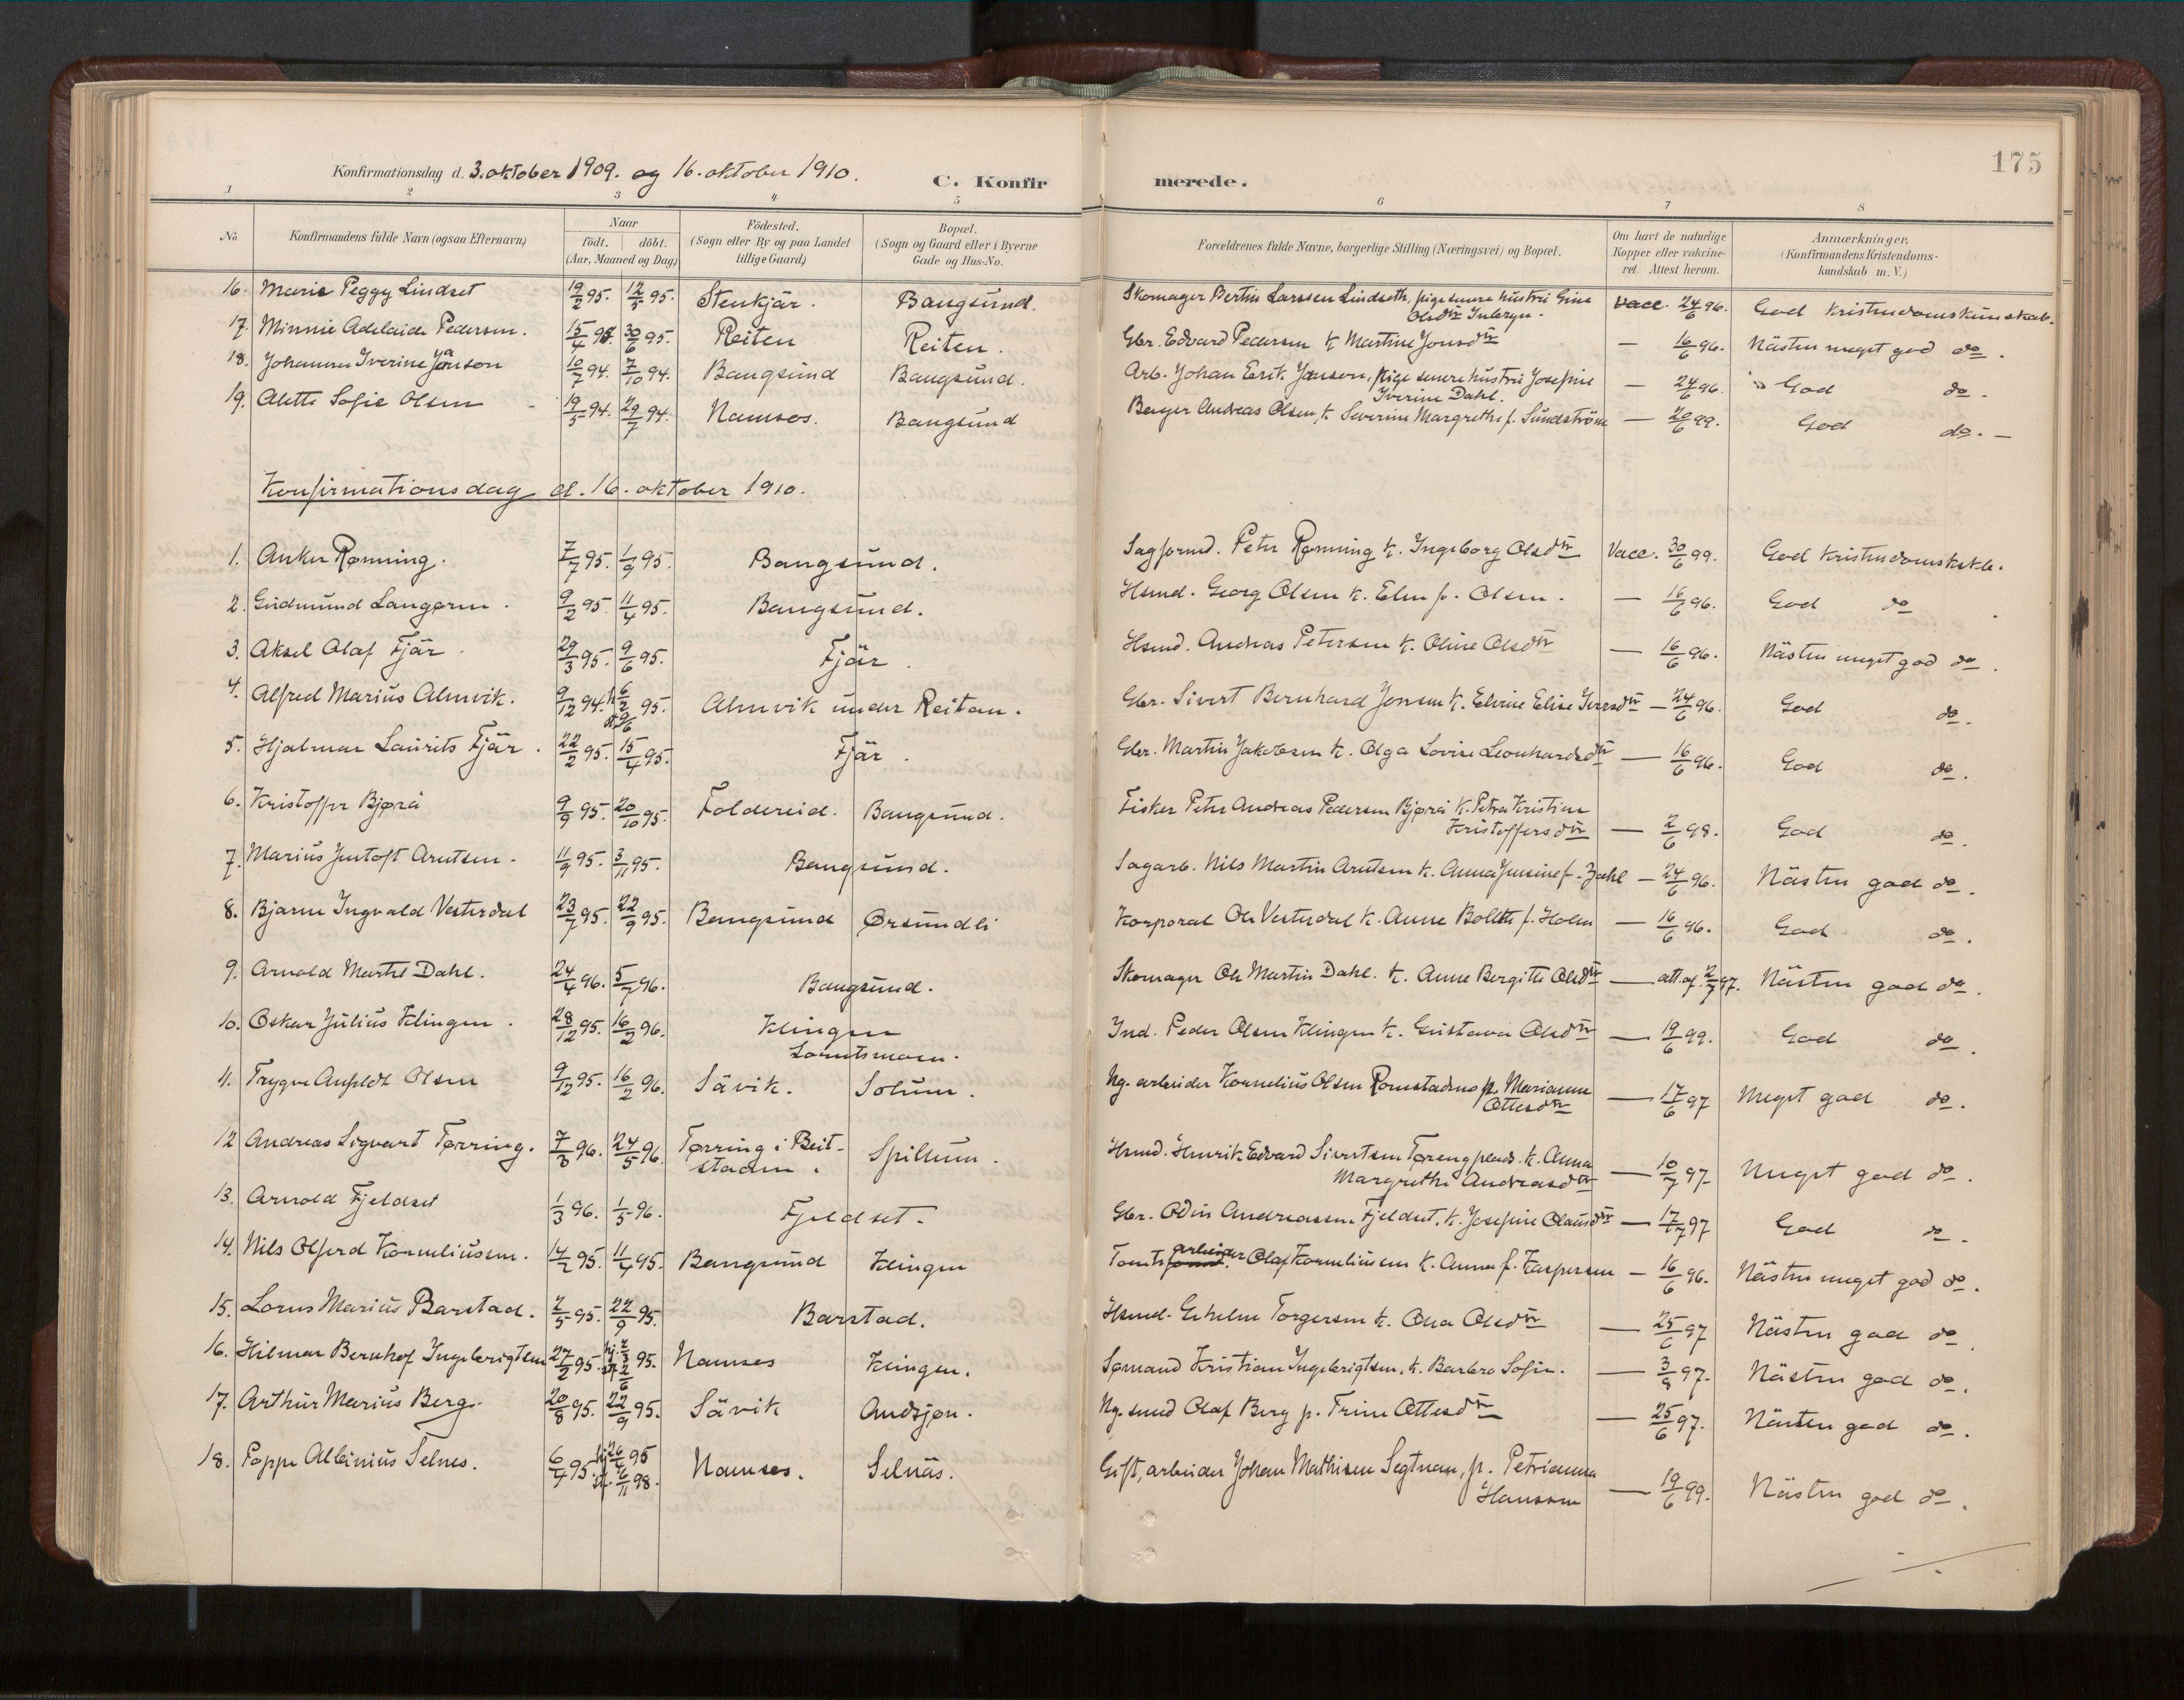 SAT, Ministerialprotokoller, klokkerbøker og fødselsregistre - Nord-Trøndelag, 770/L0589: Ministerialbok nr. 770A03, 1887-1929, s. 175